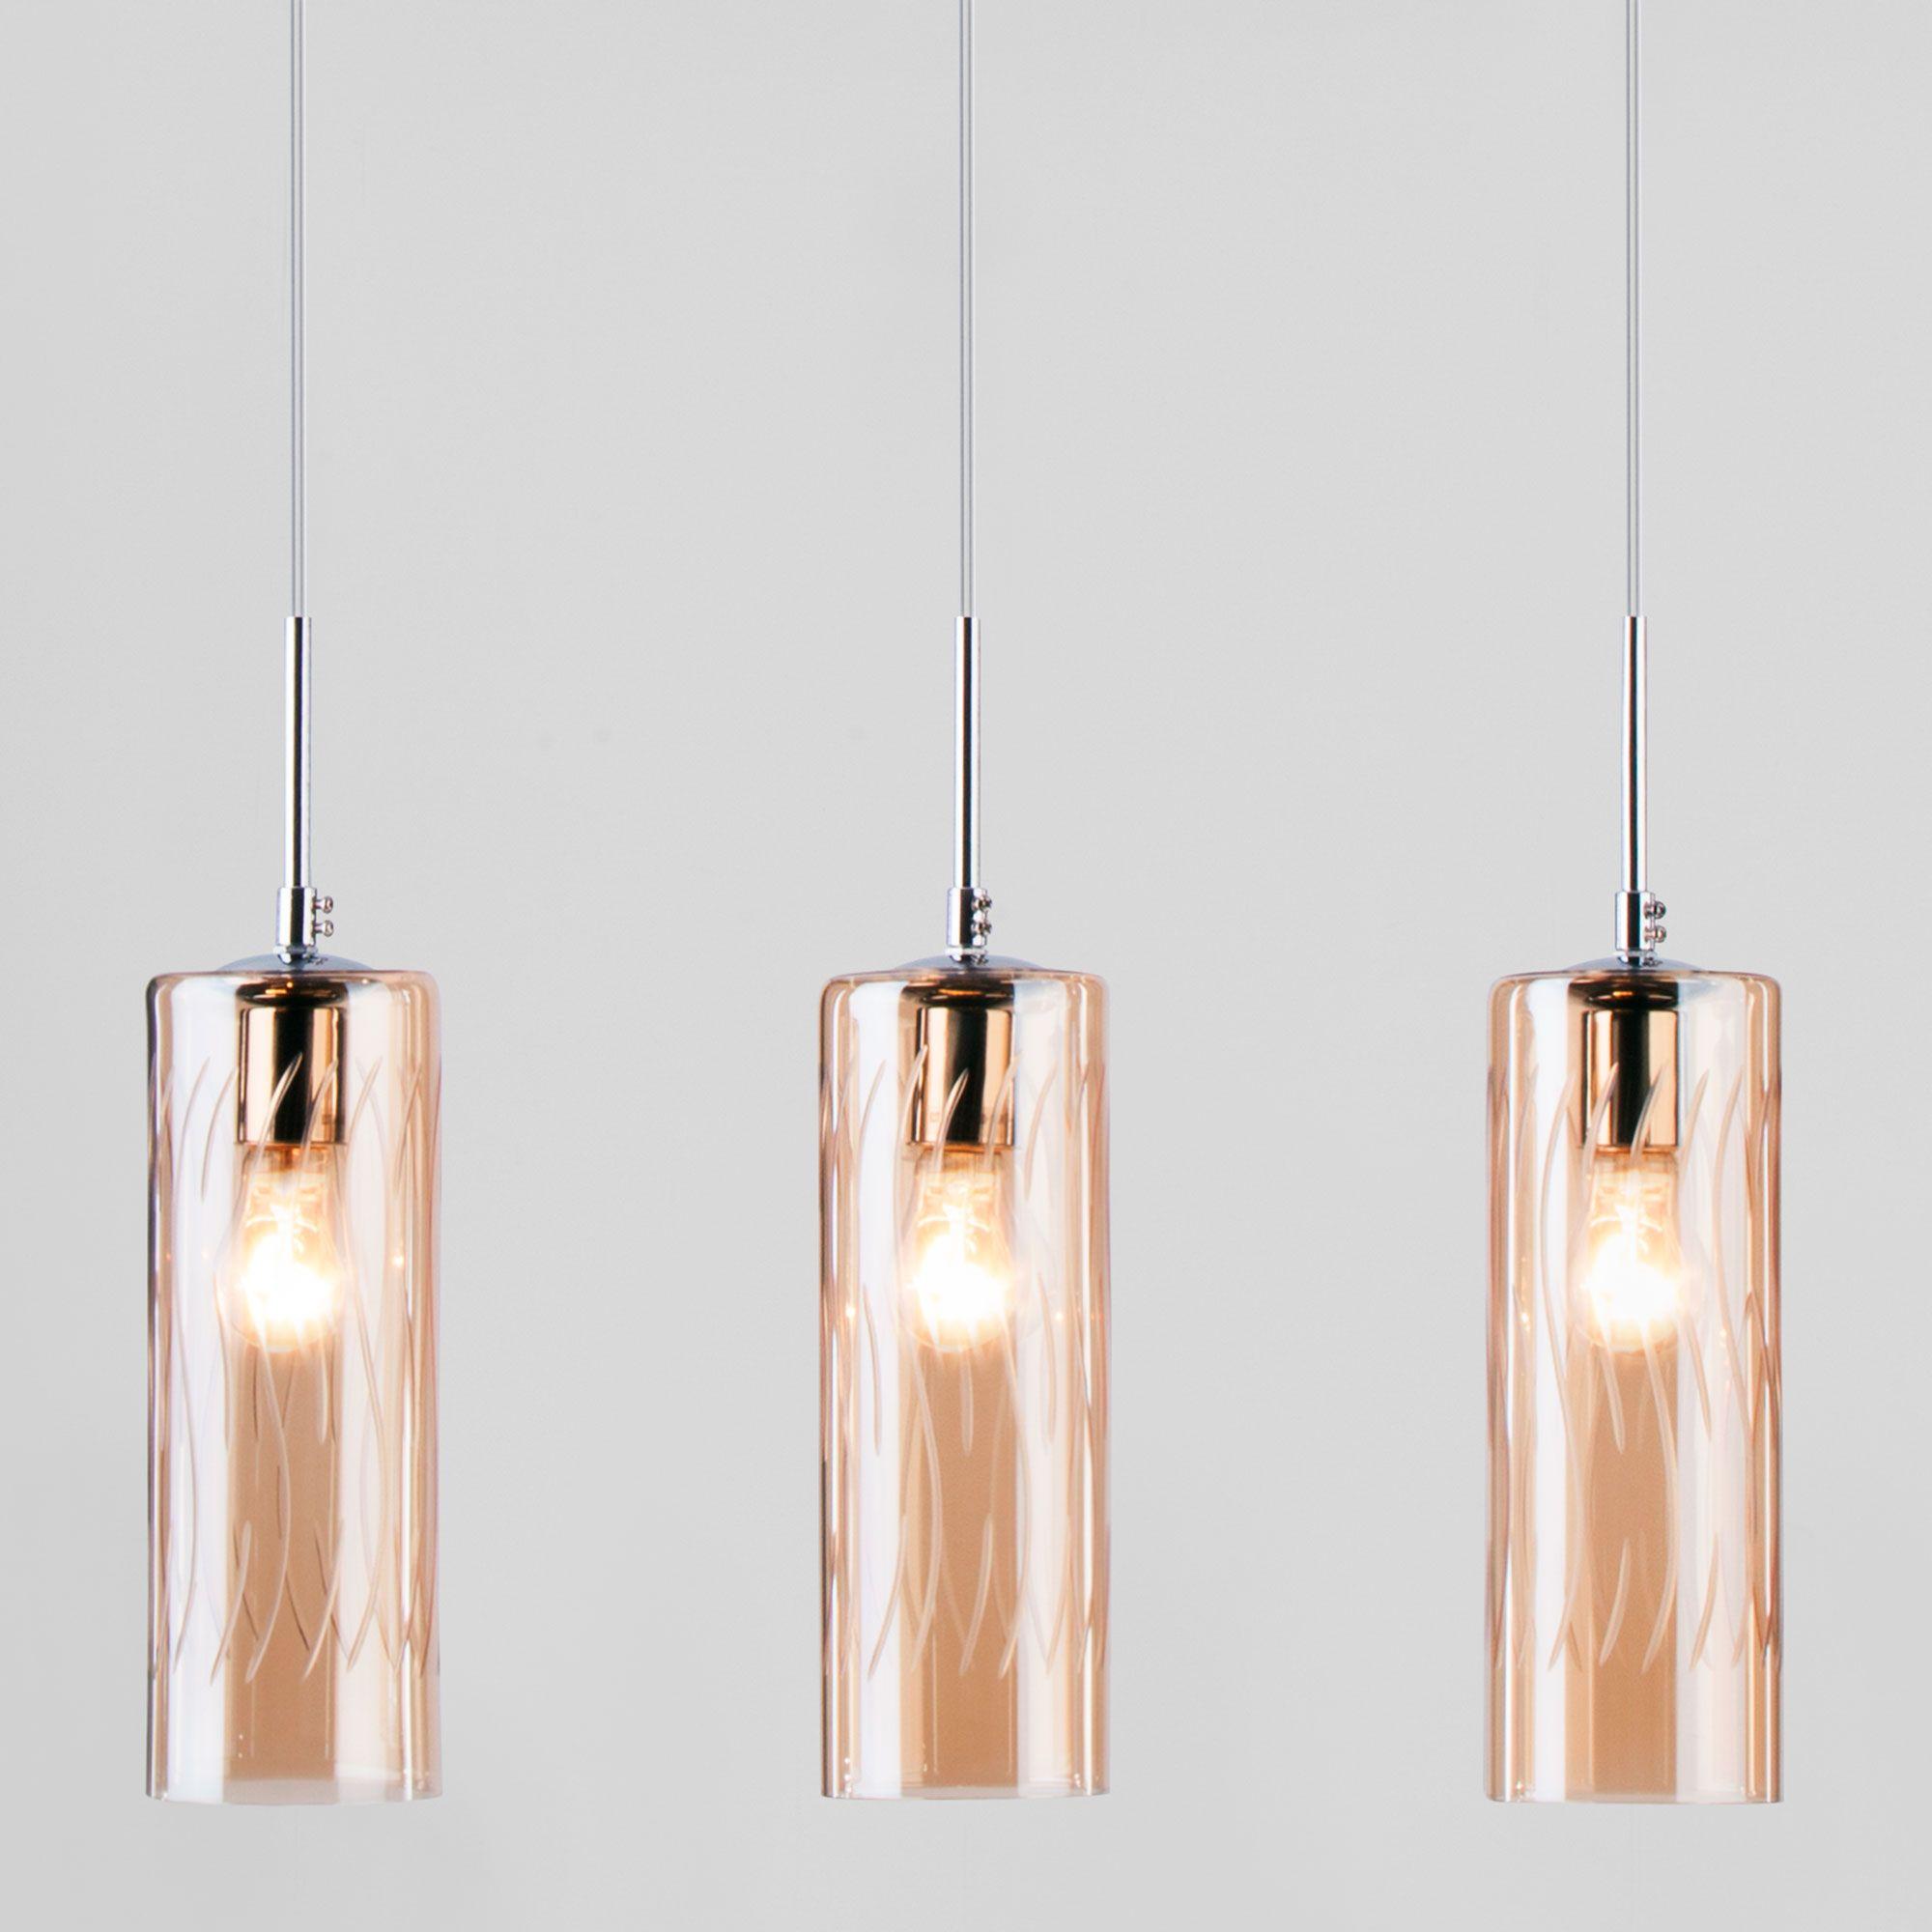 Подвесной светильник со стеклянными плафонами 50149/3